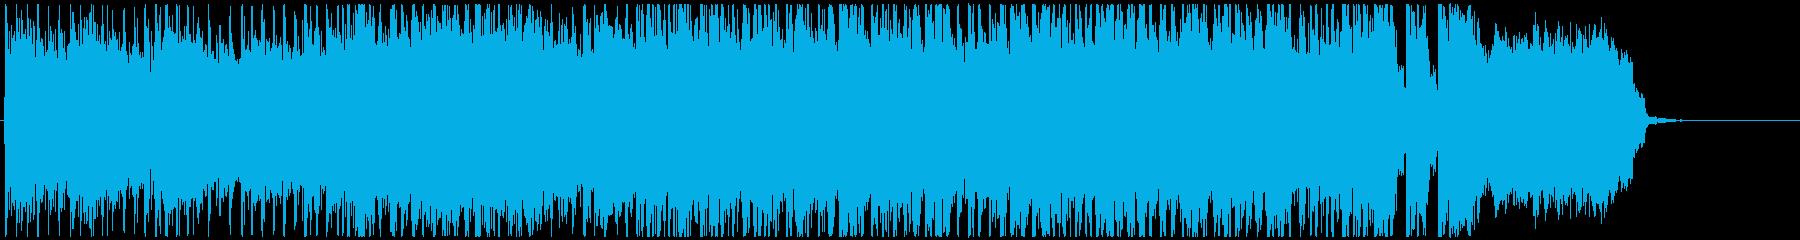 疾走感のある和風メタル系OPジングルの再生済みの波形